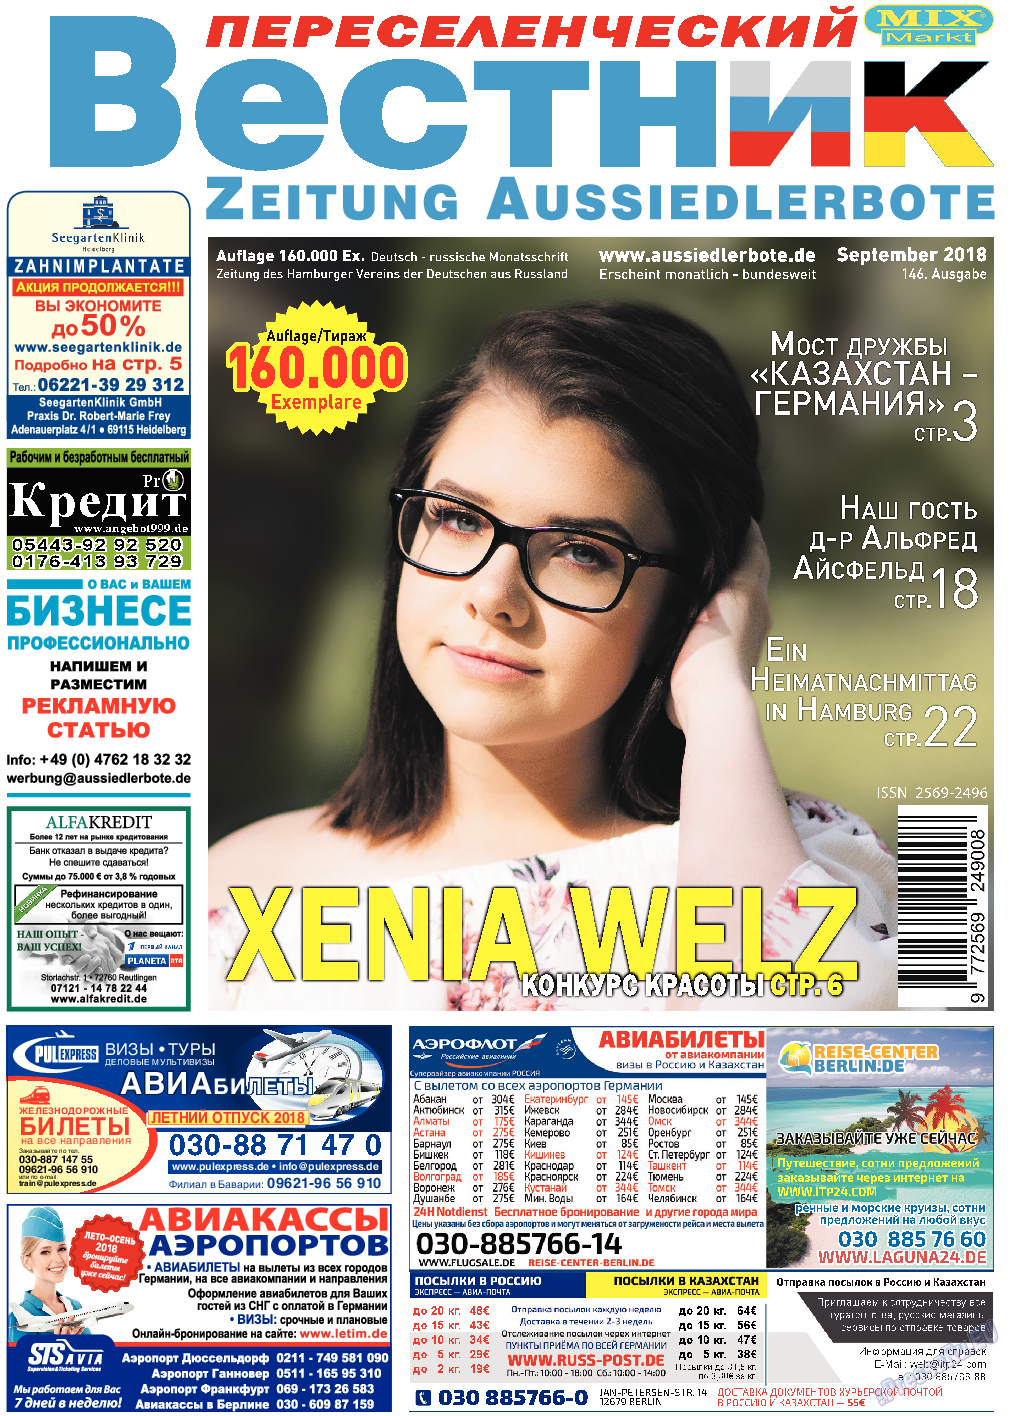 Переселенческий вестник (газета). 2018 год, номер 9, стр. 1